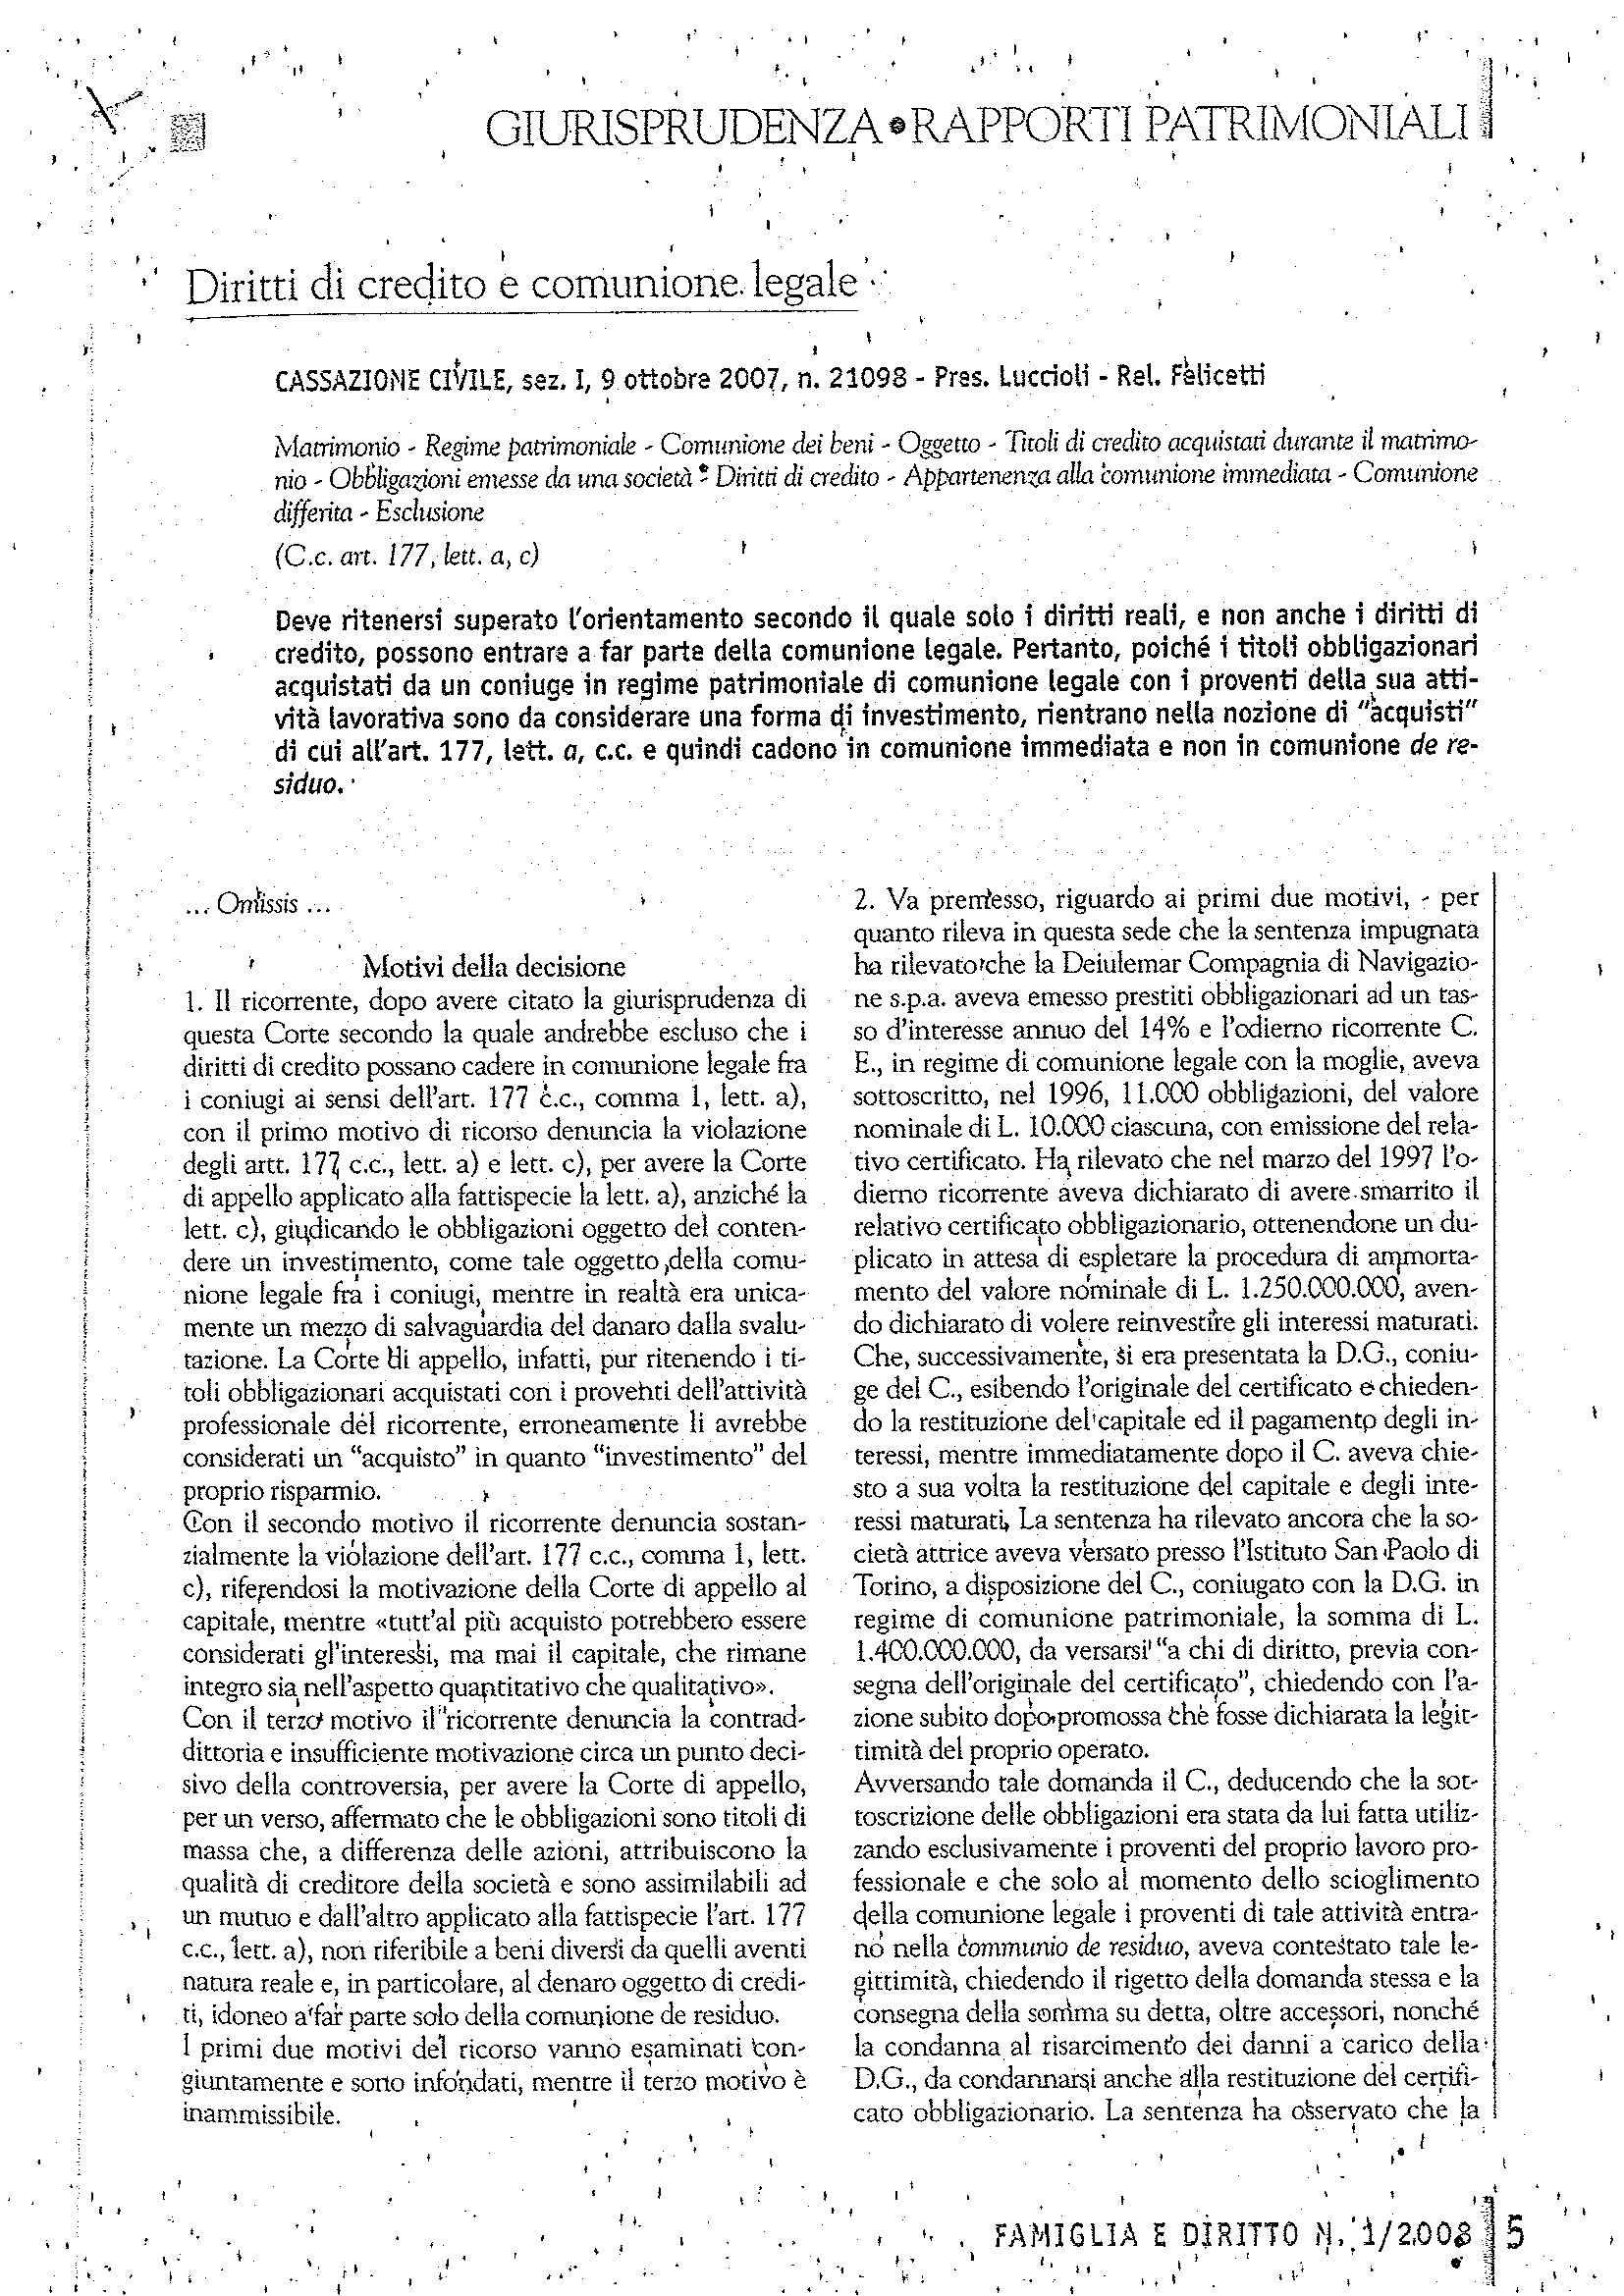 Diritto di credito e comunione legale - C. Cass. n. 21098/07